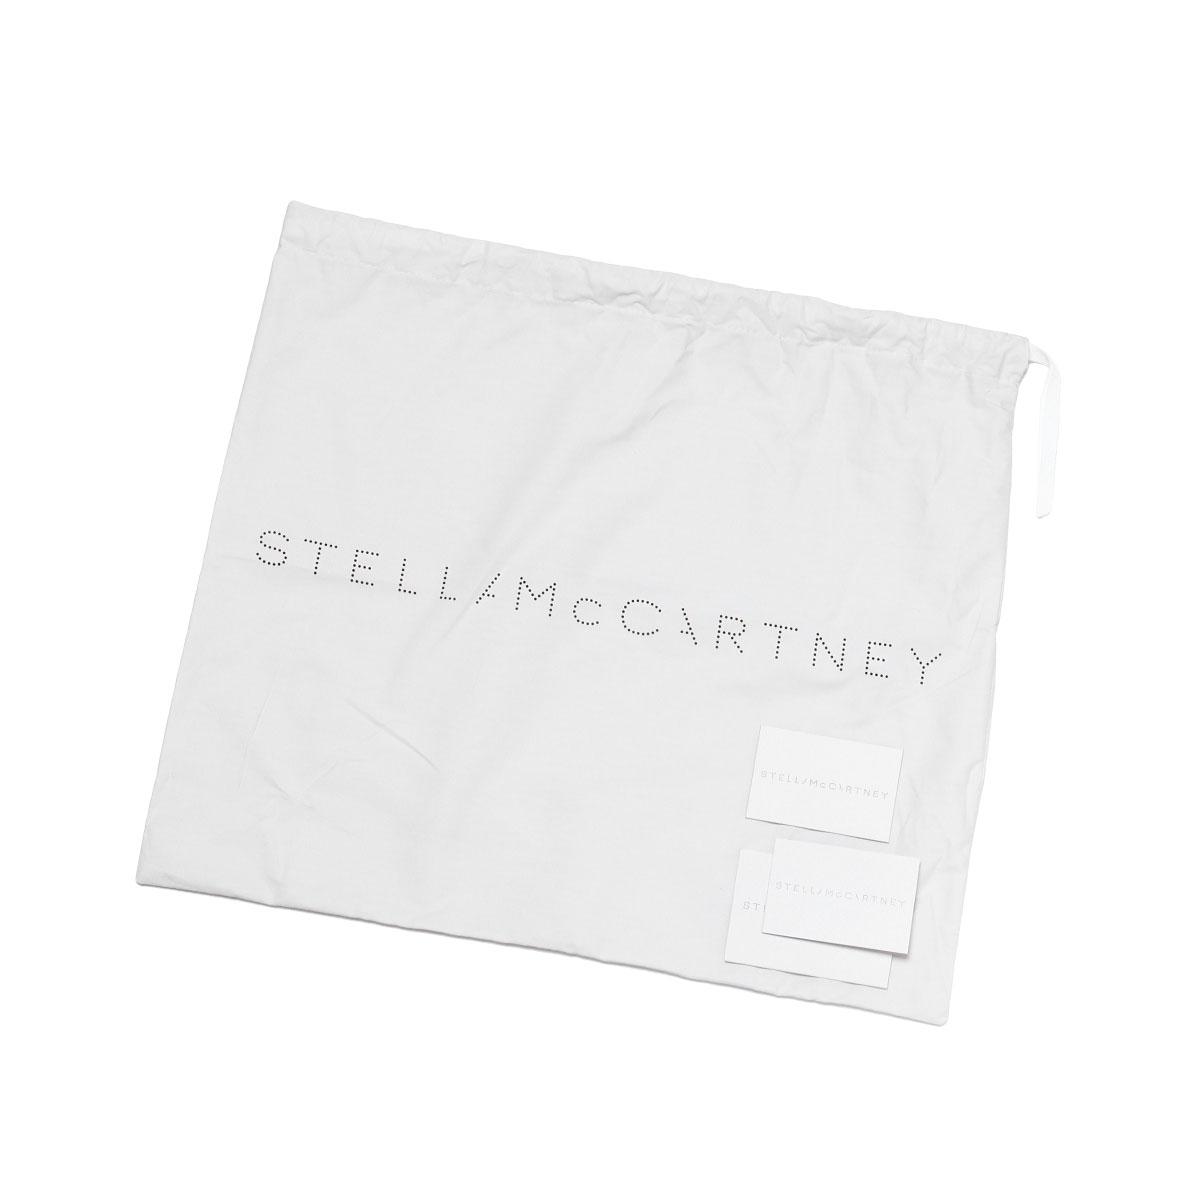 ステラ マッカートニー STELLA McCARTNEY バッグ レディース 513860 W9923 7773 ショルダー付 トートバッグ CINNAMON ブラウン